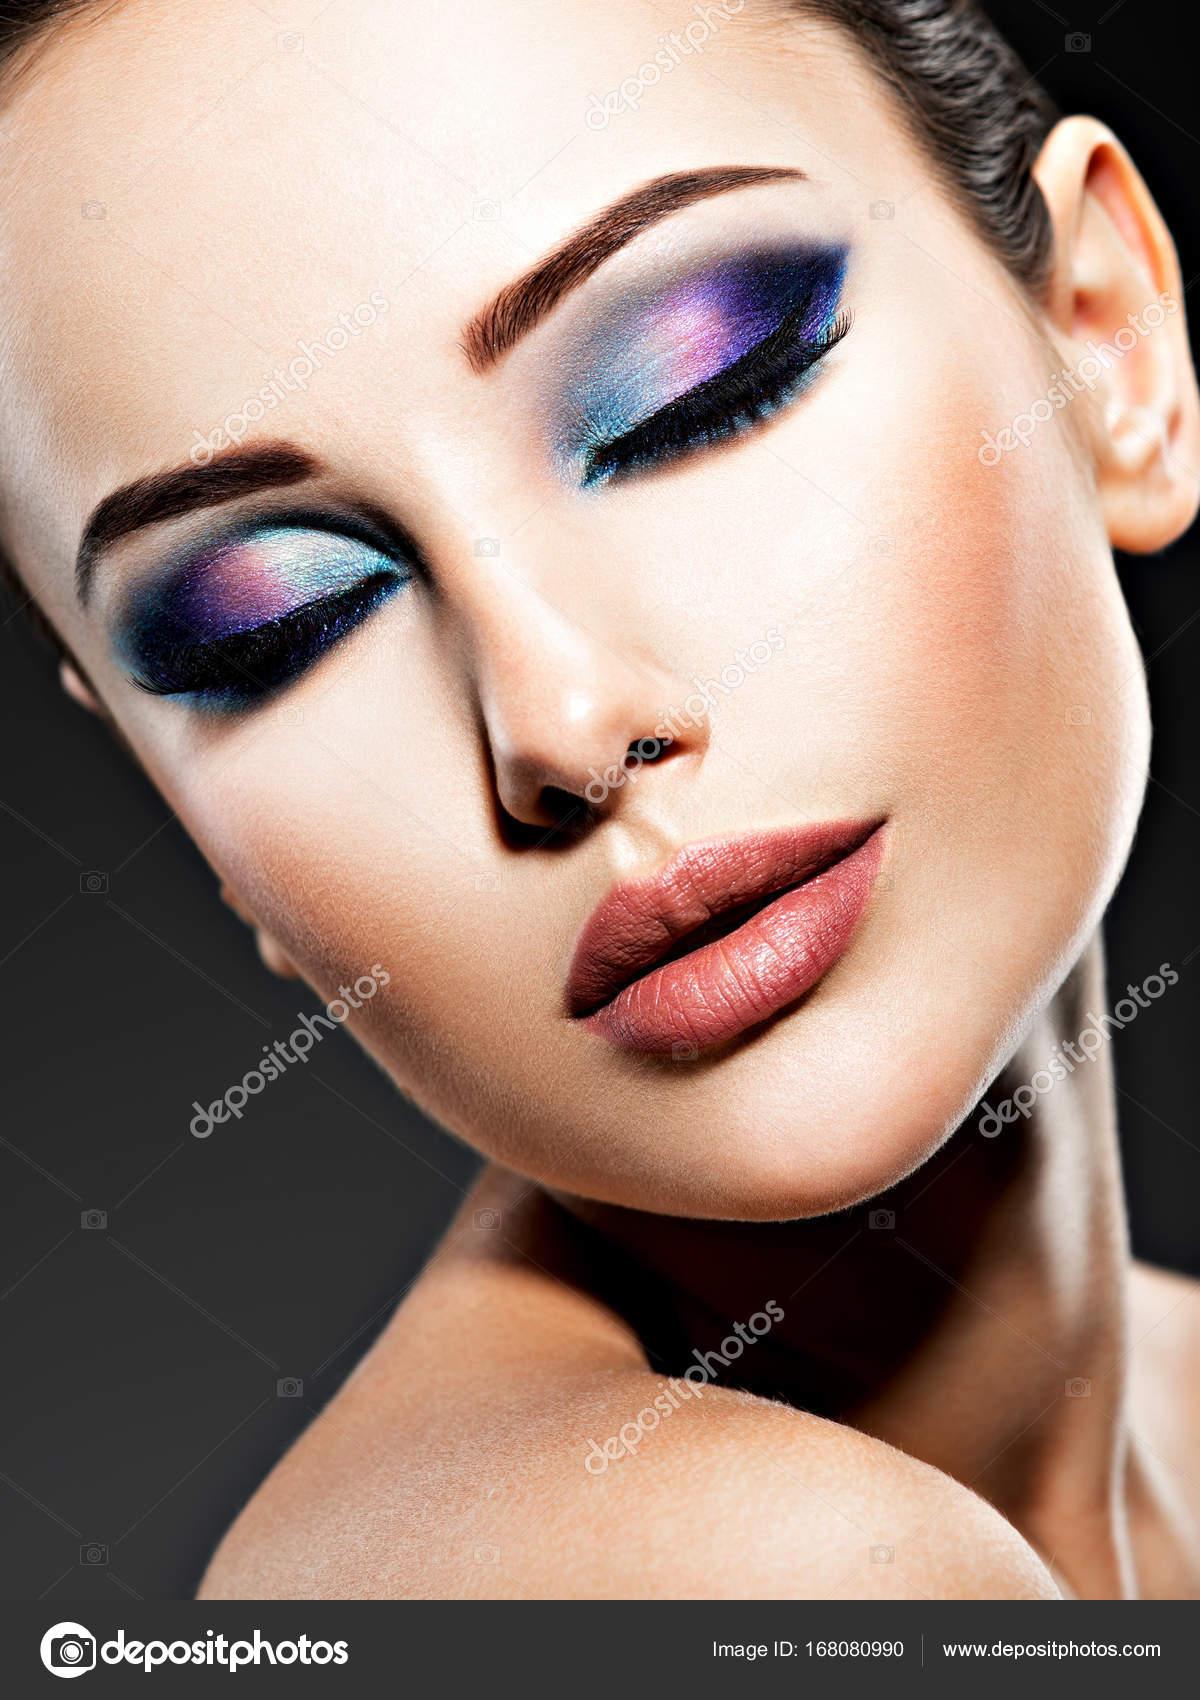 Frau Mit Blauen Augen Make Up Stockfoto C Valuavitaly 168080990